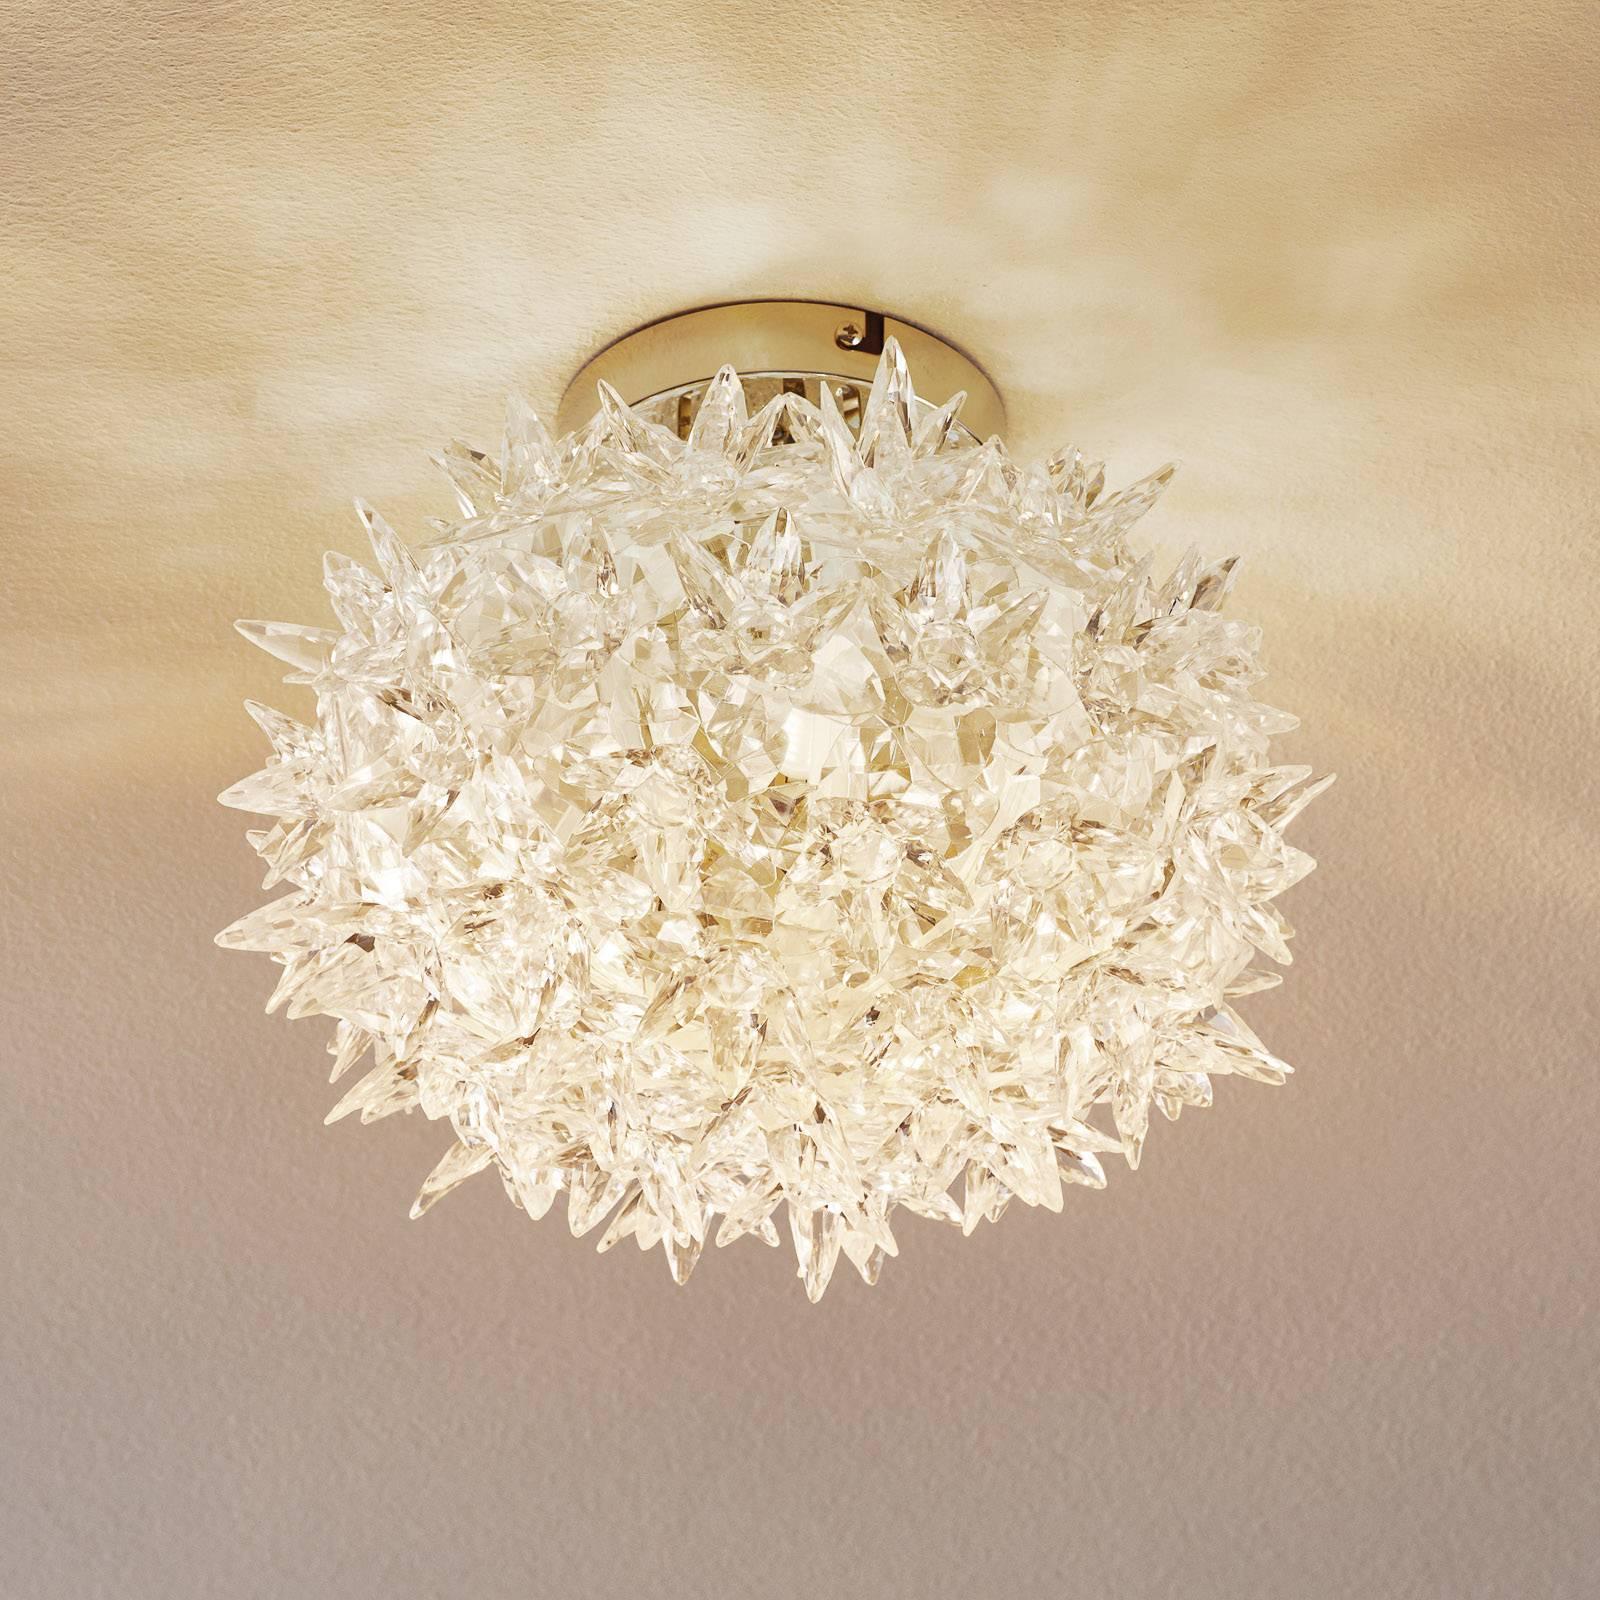 Billede af Kartell Bloom LED-loftlampe, 28 cm